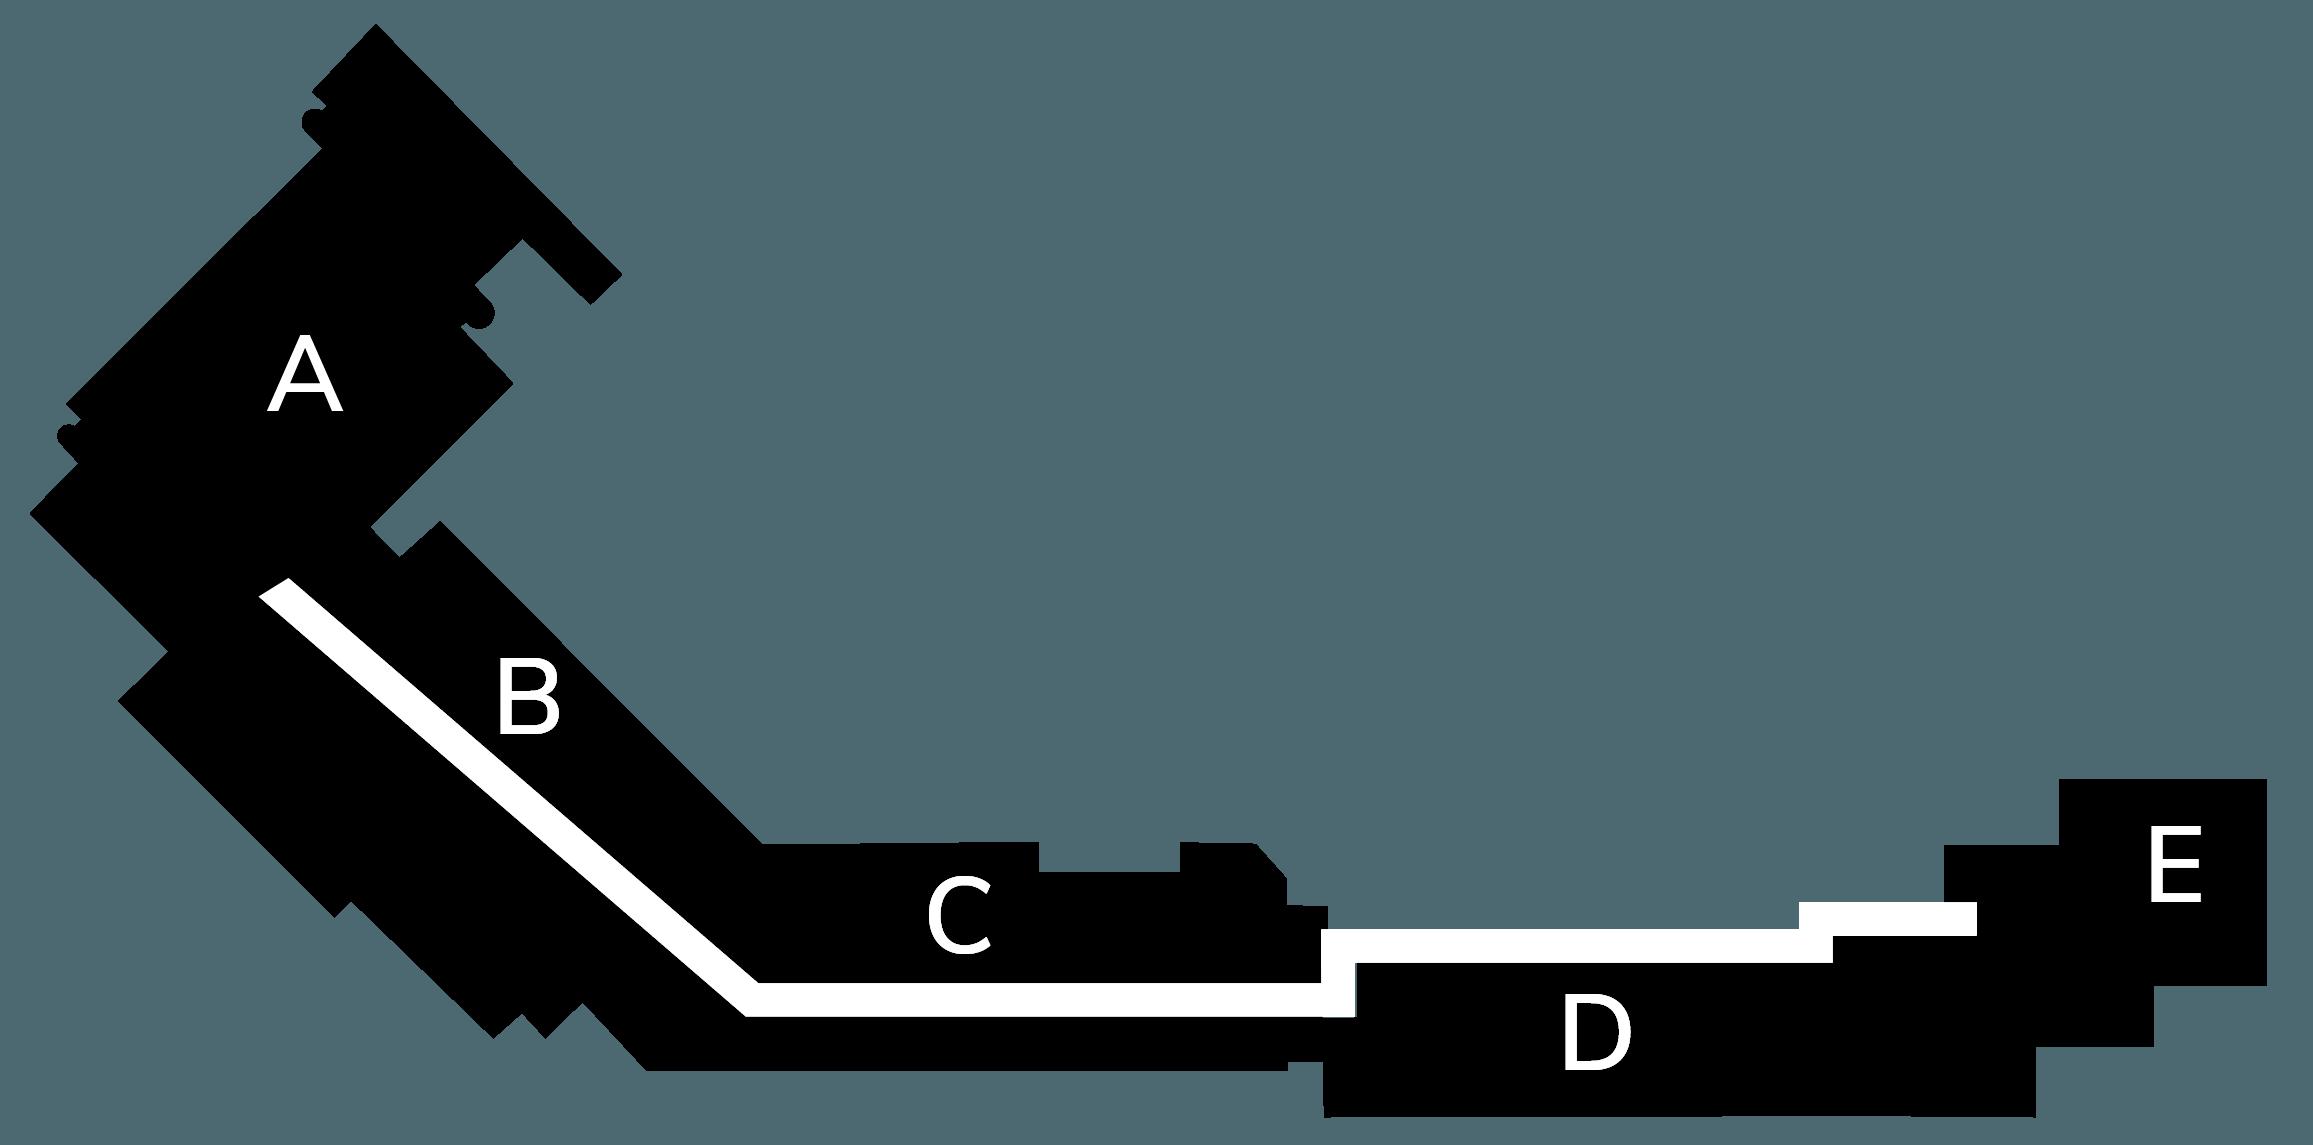 Kart over kontorbygget der bygg A er markert